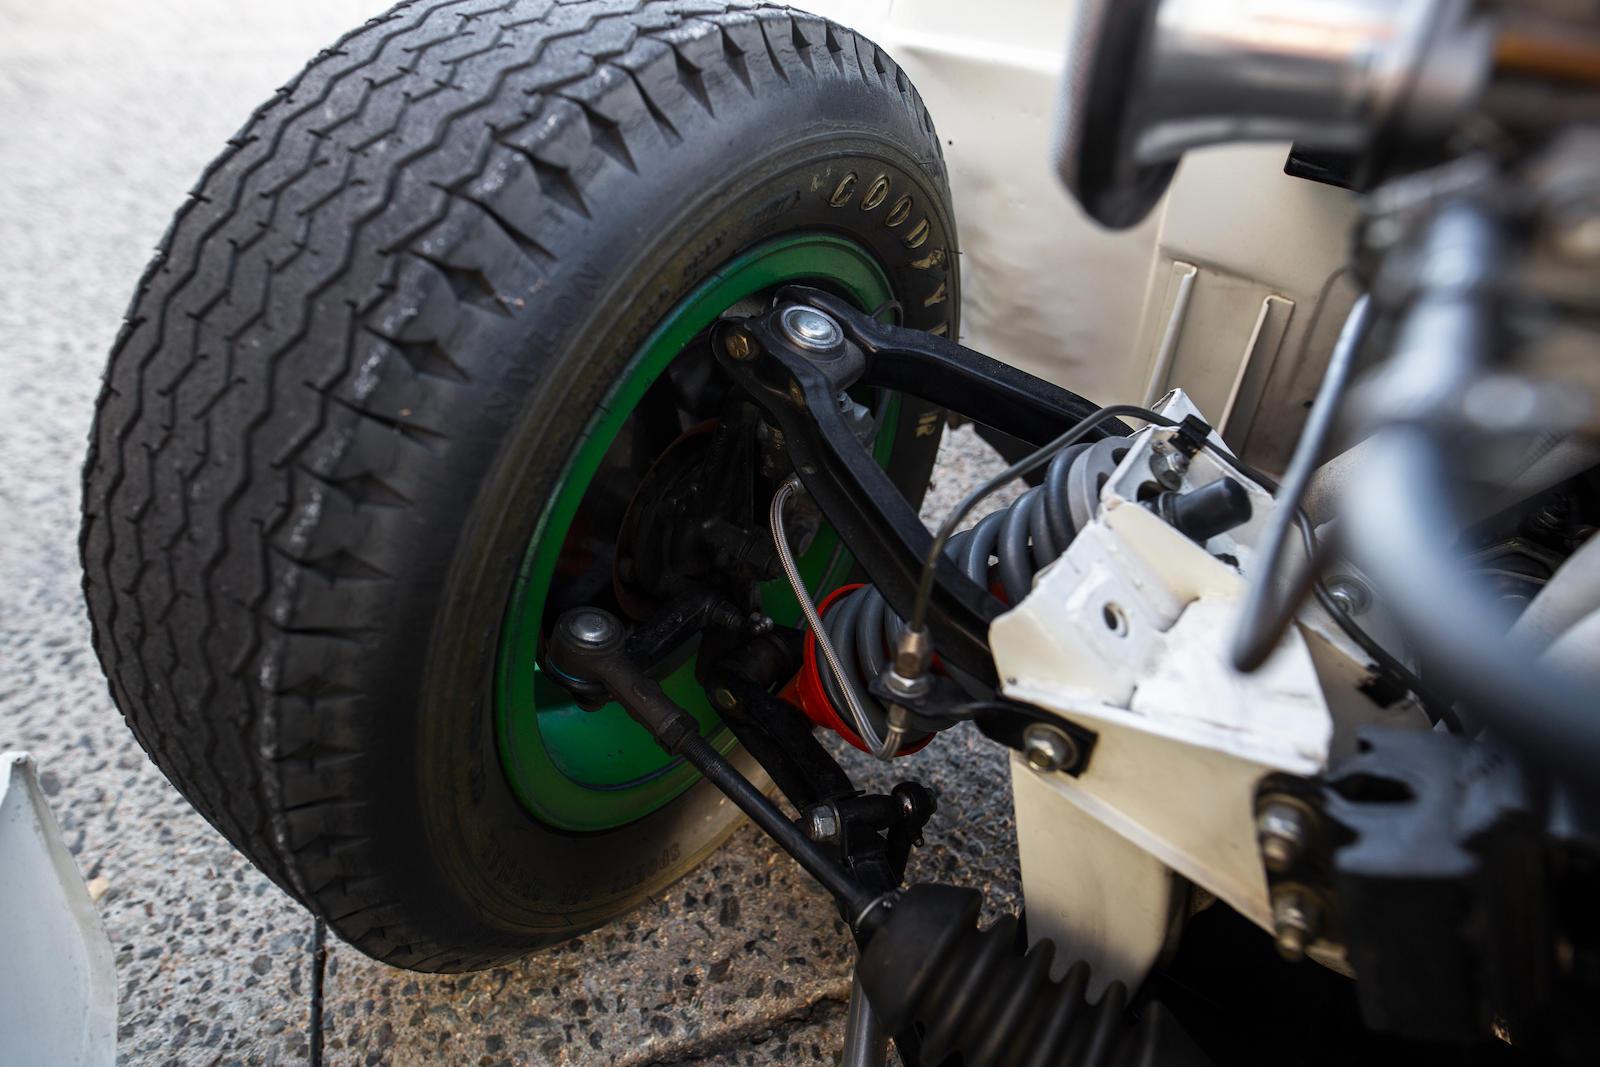 1969 Triumph GT6+ Mk II suspension detail